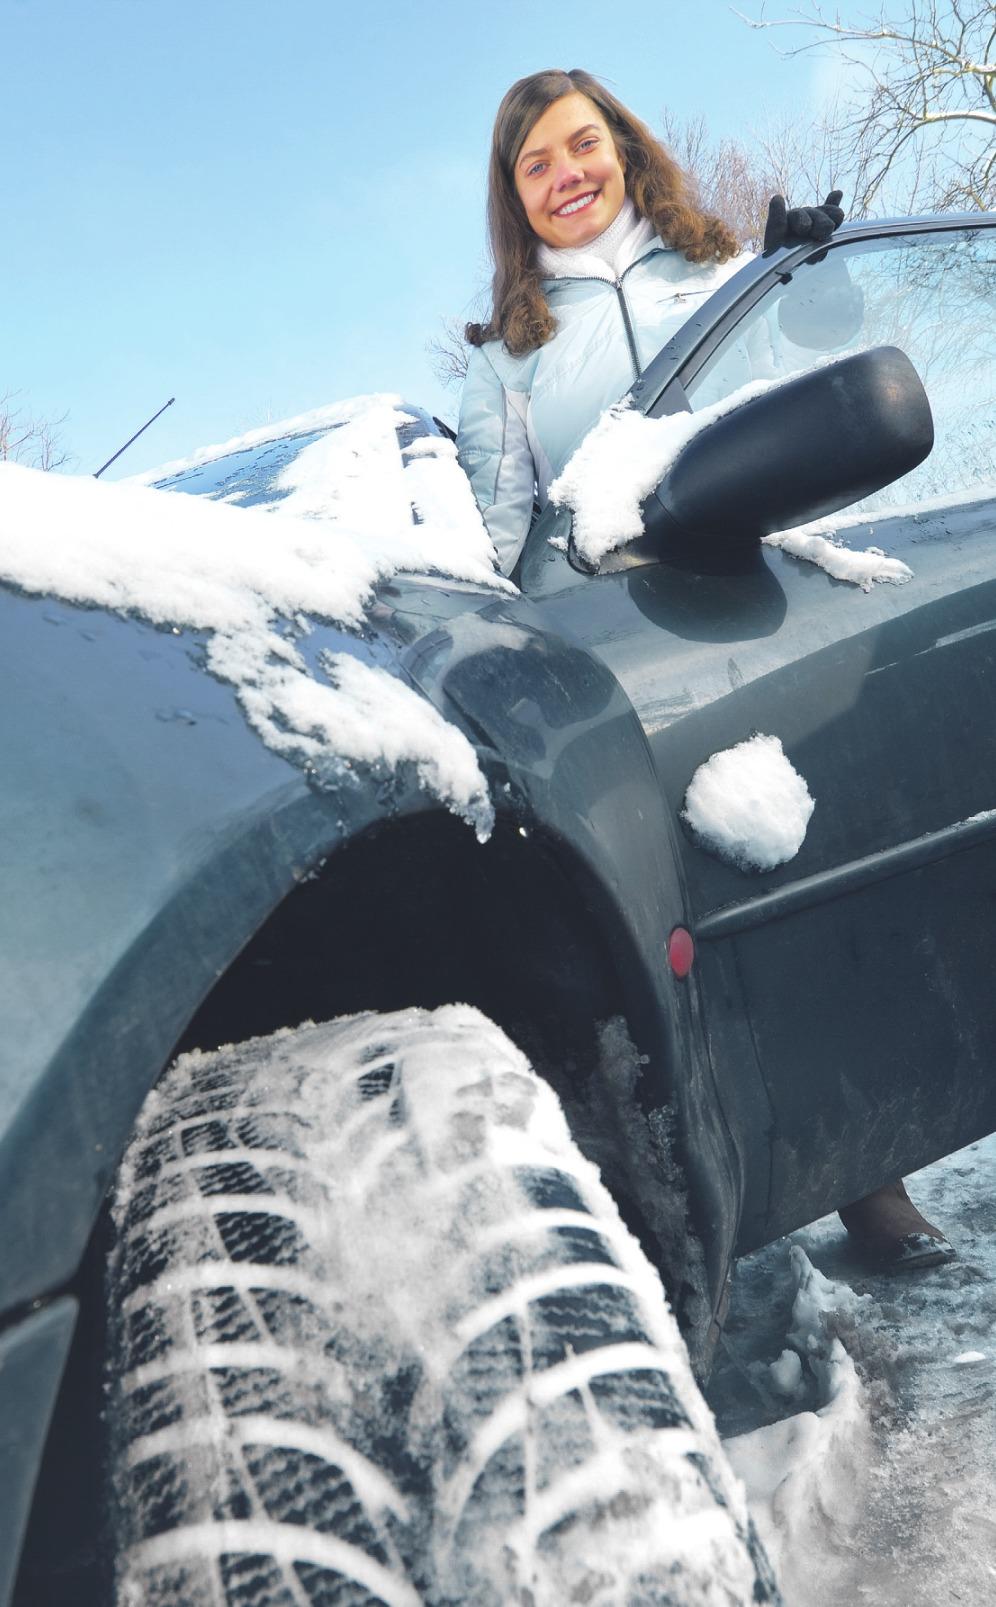 Mit der richtigen Ausrüstung und Kleidung ist Autofahren im Winter kein Problem. Foto: mkrberlin/ stock.adobe.com